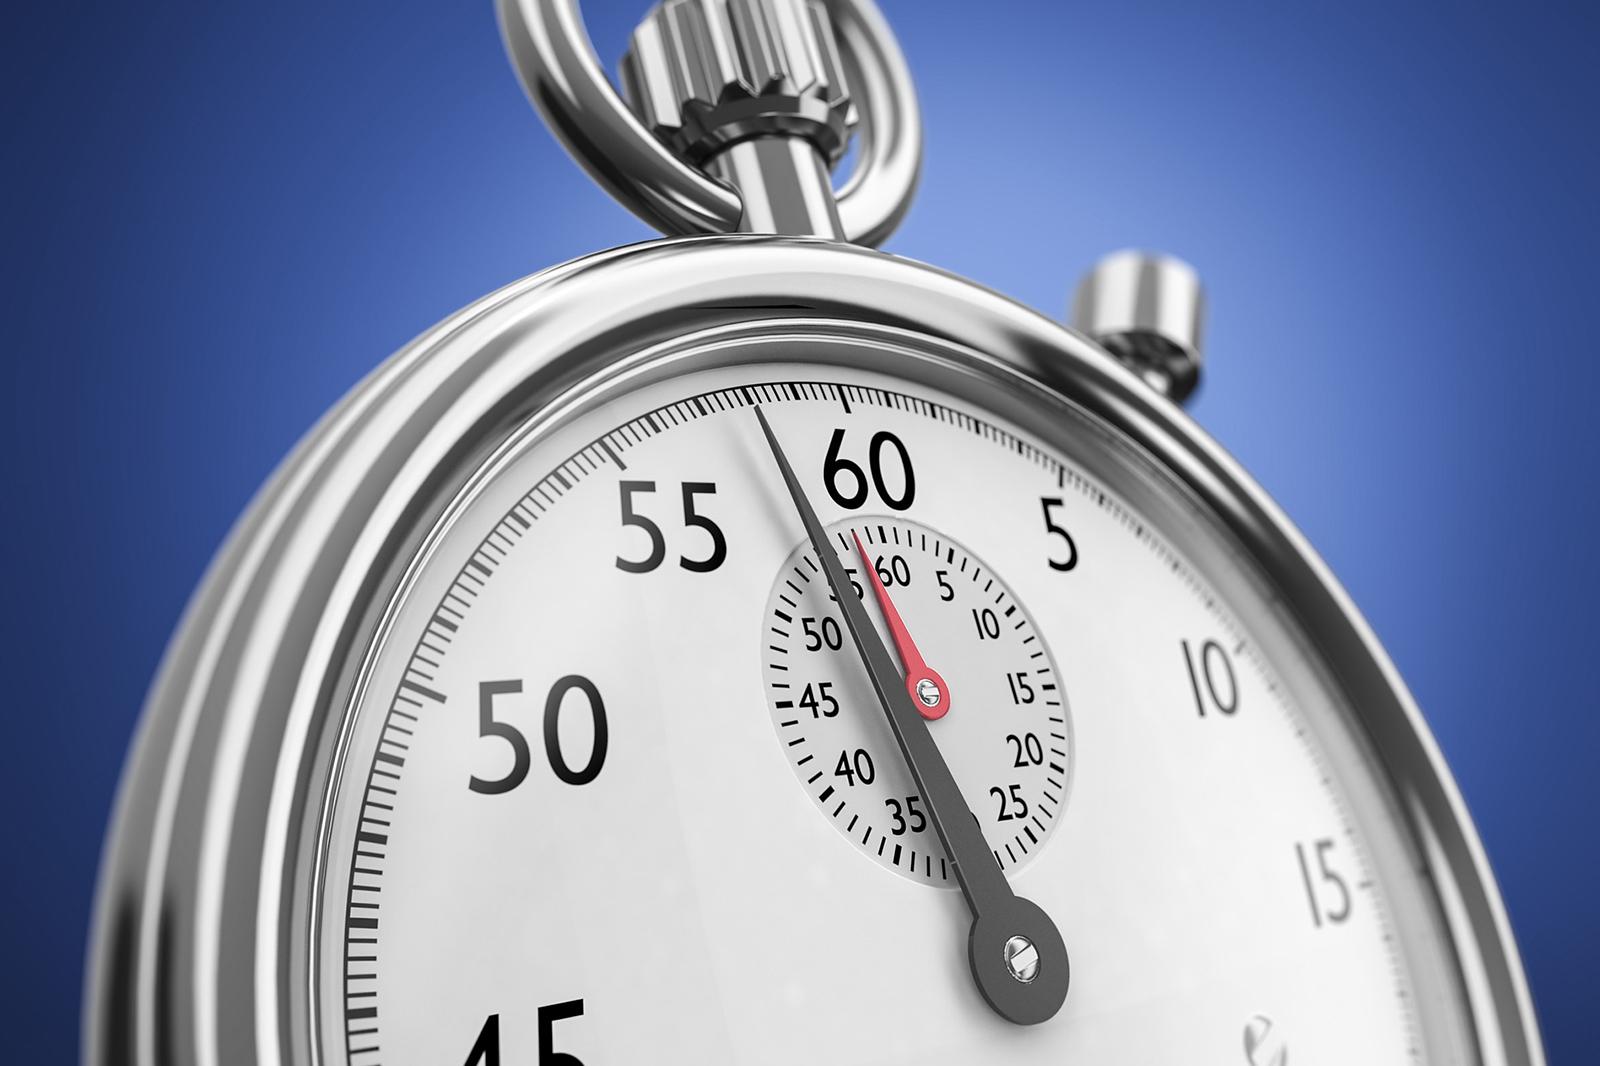 Het 10-minutengesprek met leraren is te leren